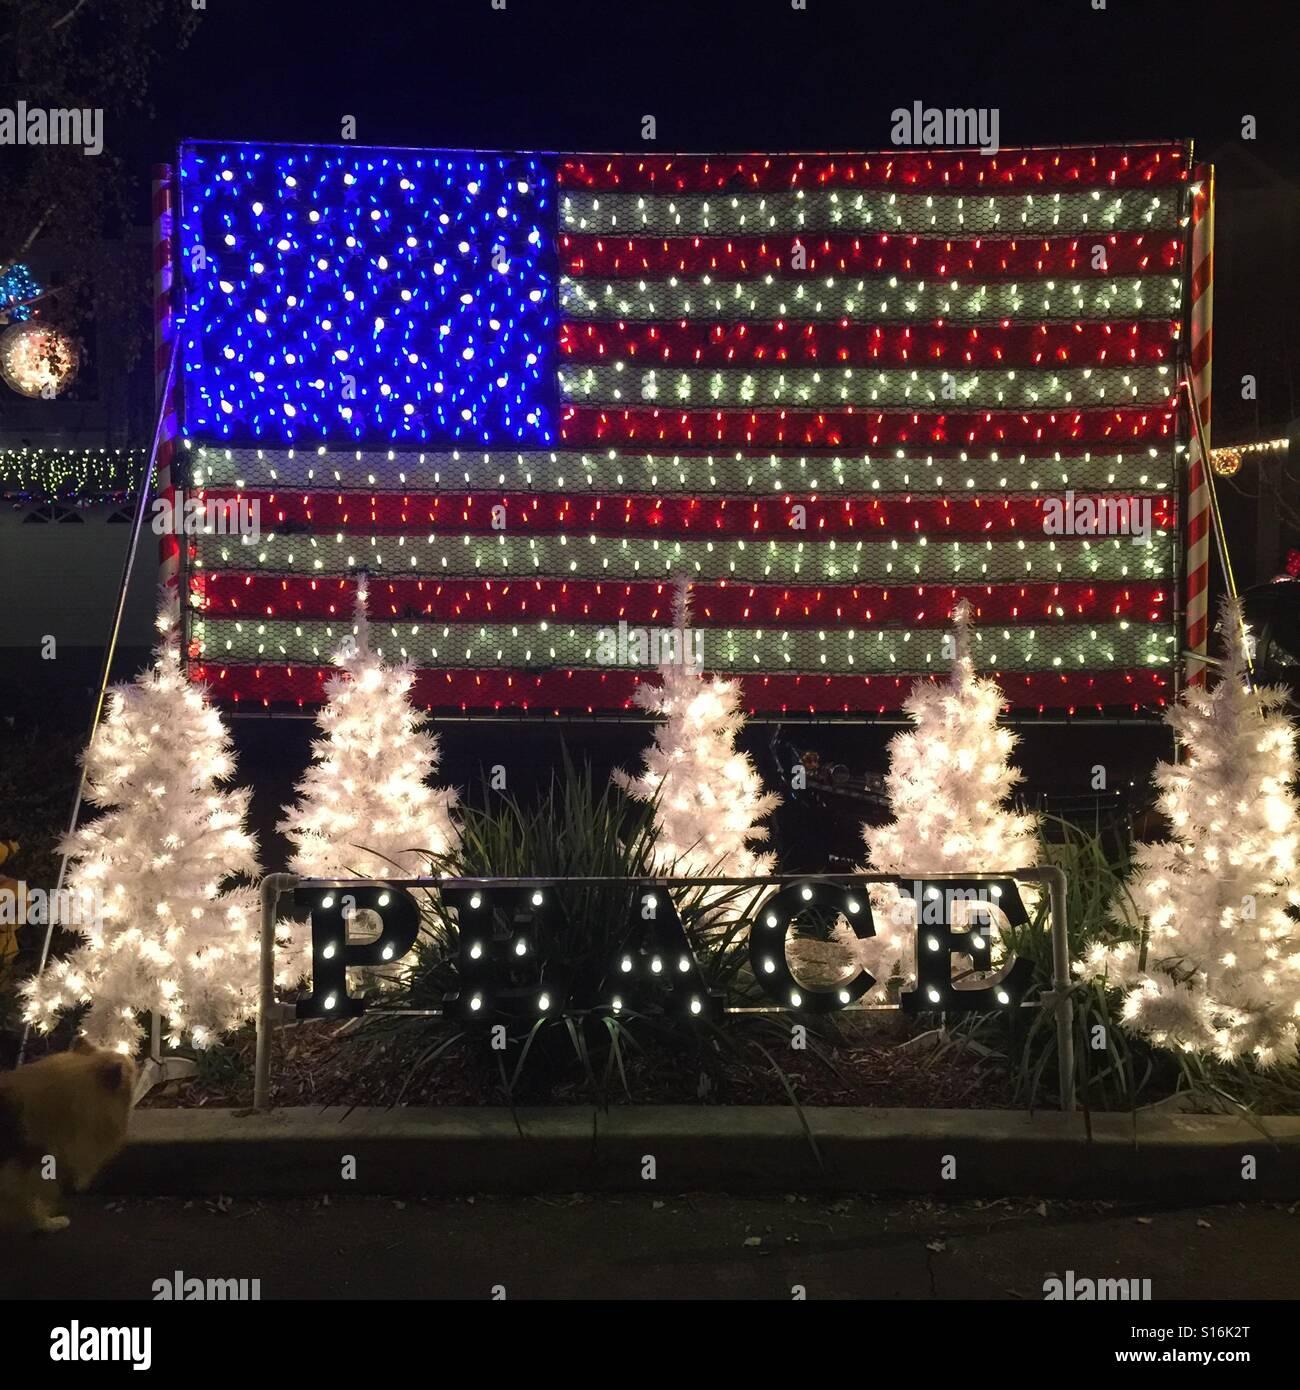 Amerikanische Weihnachtsbeleuchtung.Die Usa Wollen Truppen Militärs Marines Armee Und Luftwaffe Schöne